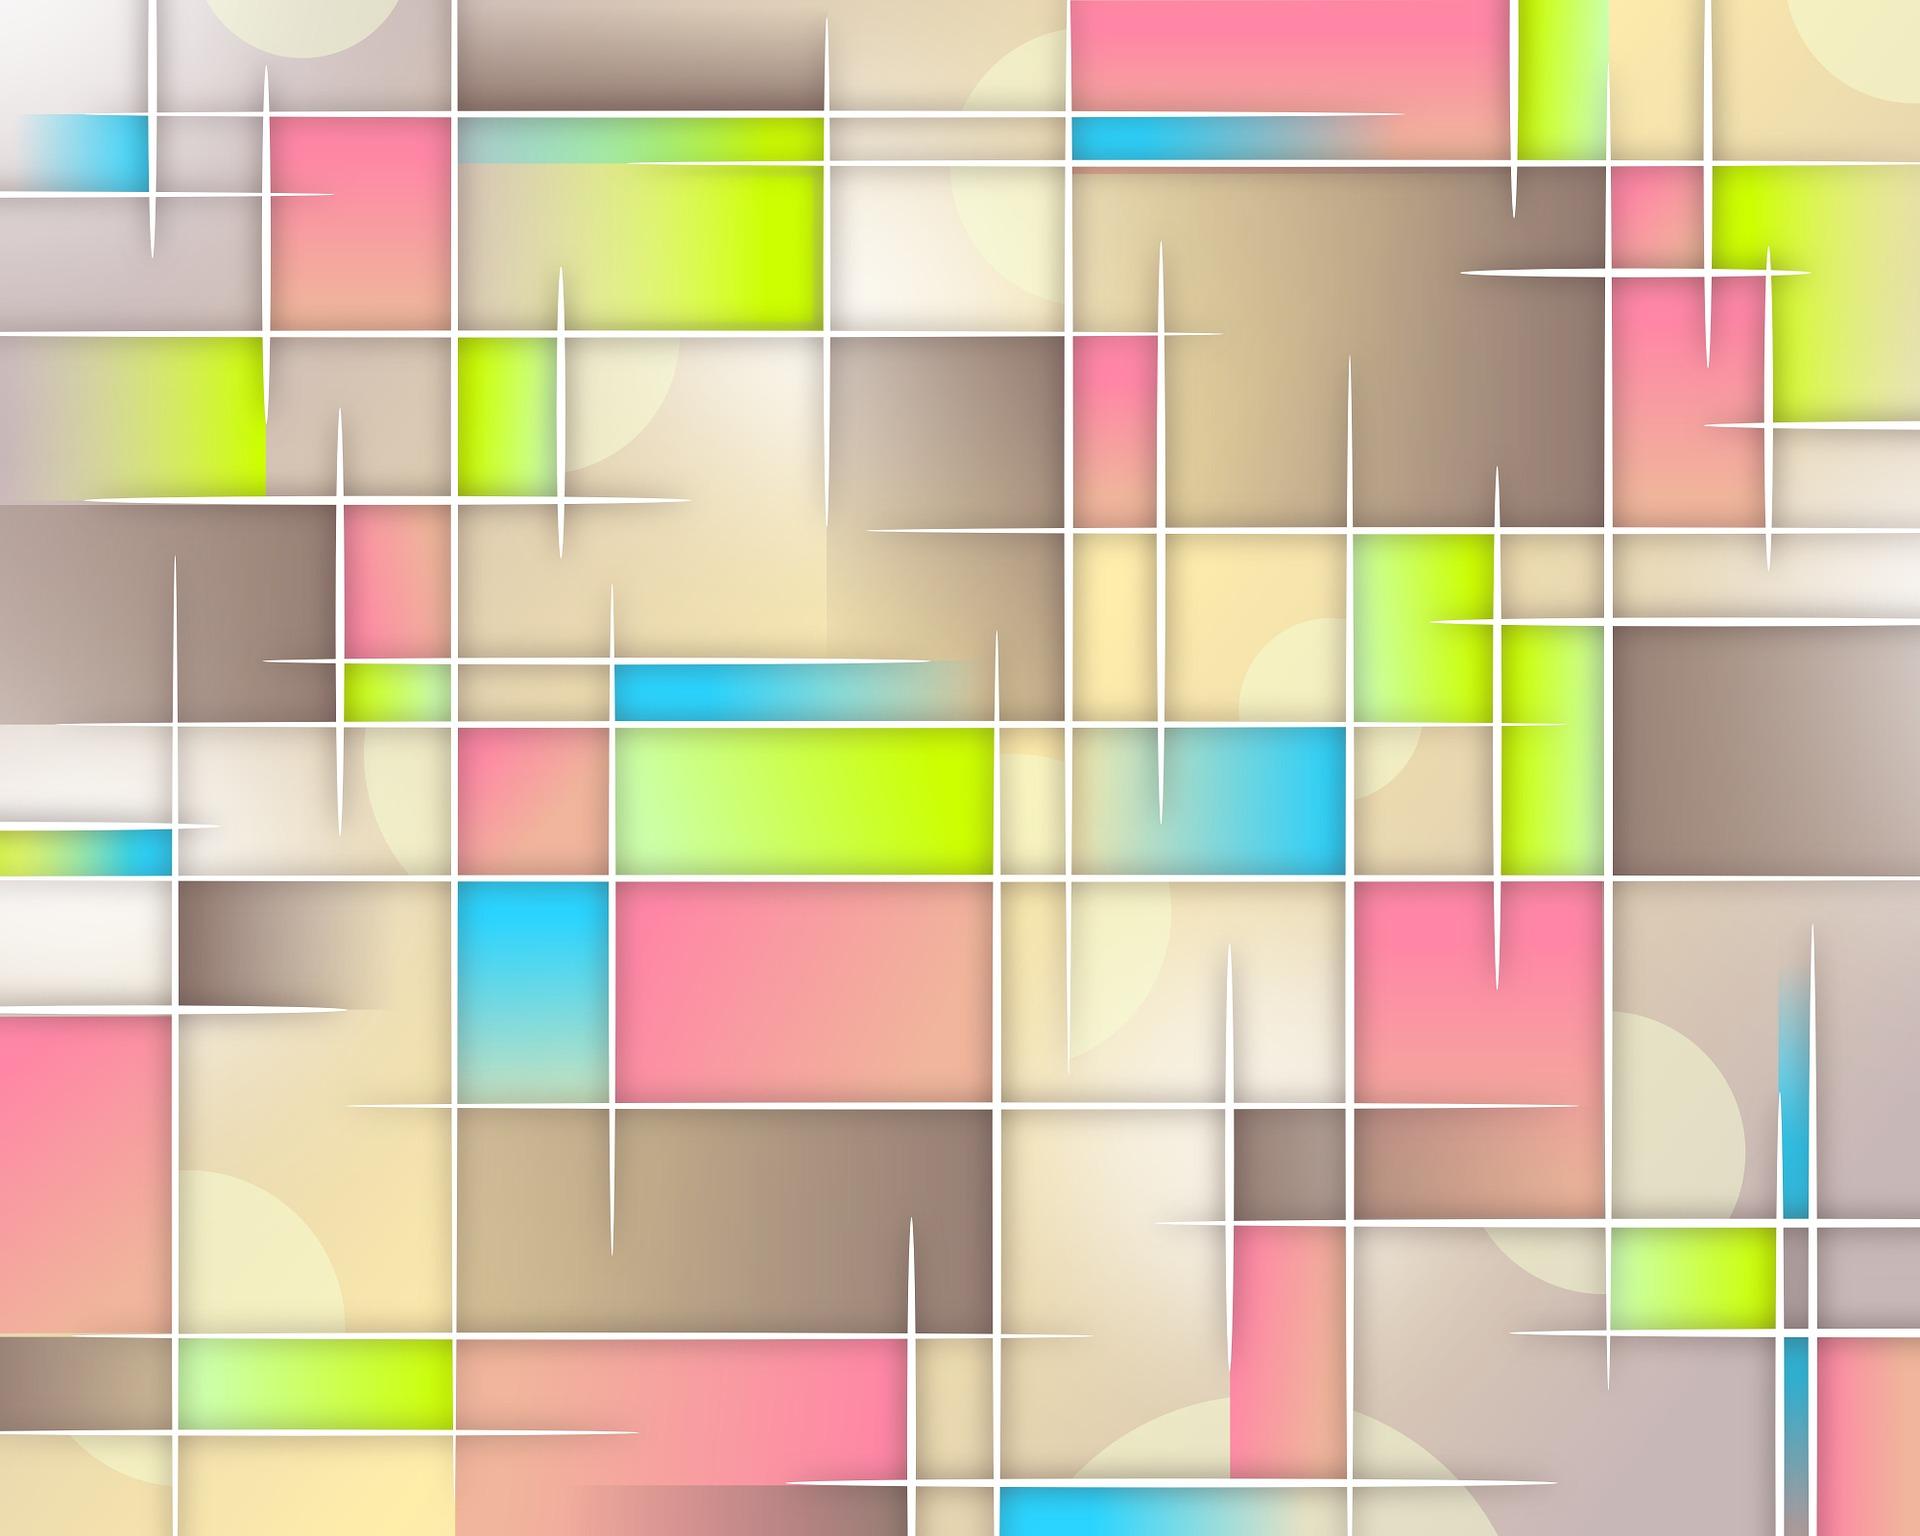 नेटवर्क, रंग, स्क्वायर, चित्रण, सार - HD वॉलपेपर - प्रोफेसर-falken.com